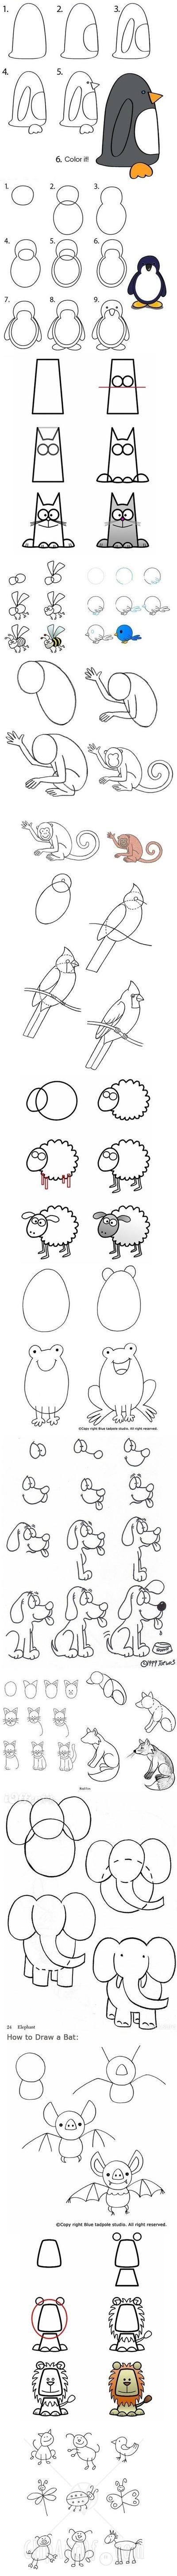 Foto: hoe te tekenen van diverse dieren. Geplaatst door vitaslak op Welke.nl